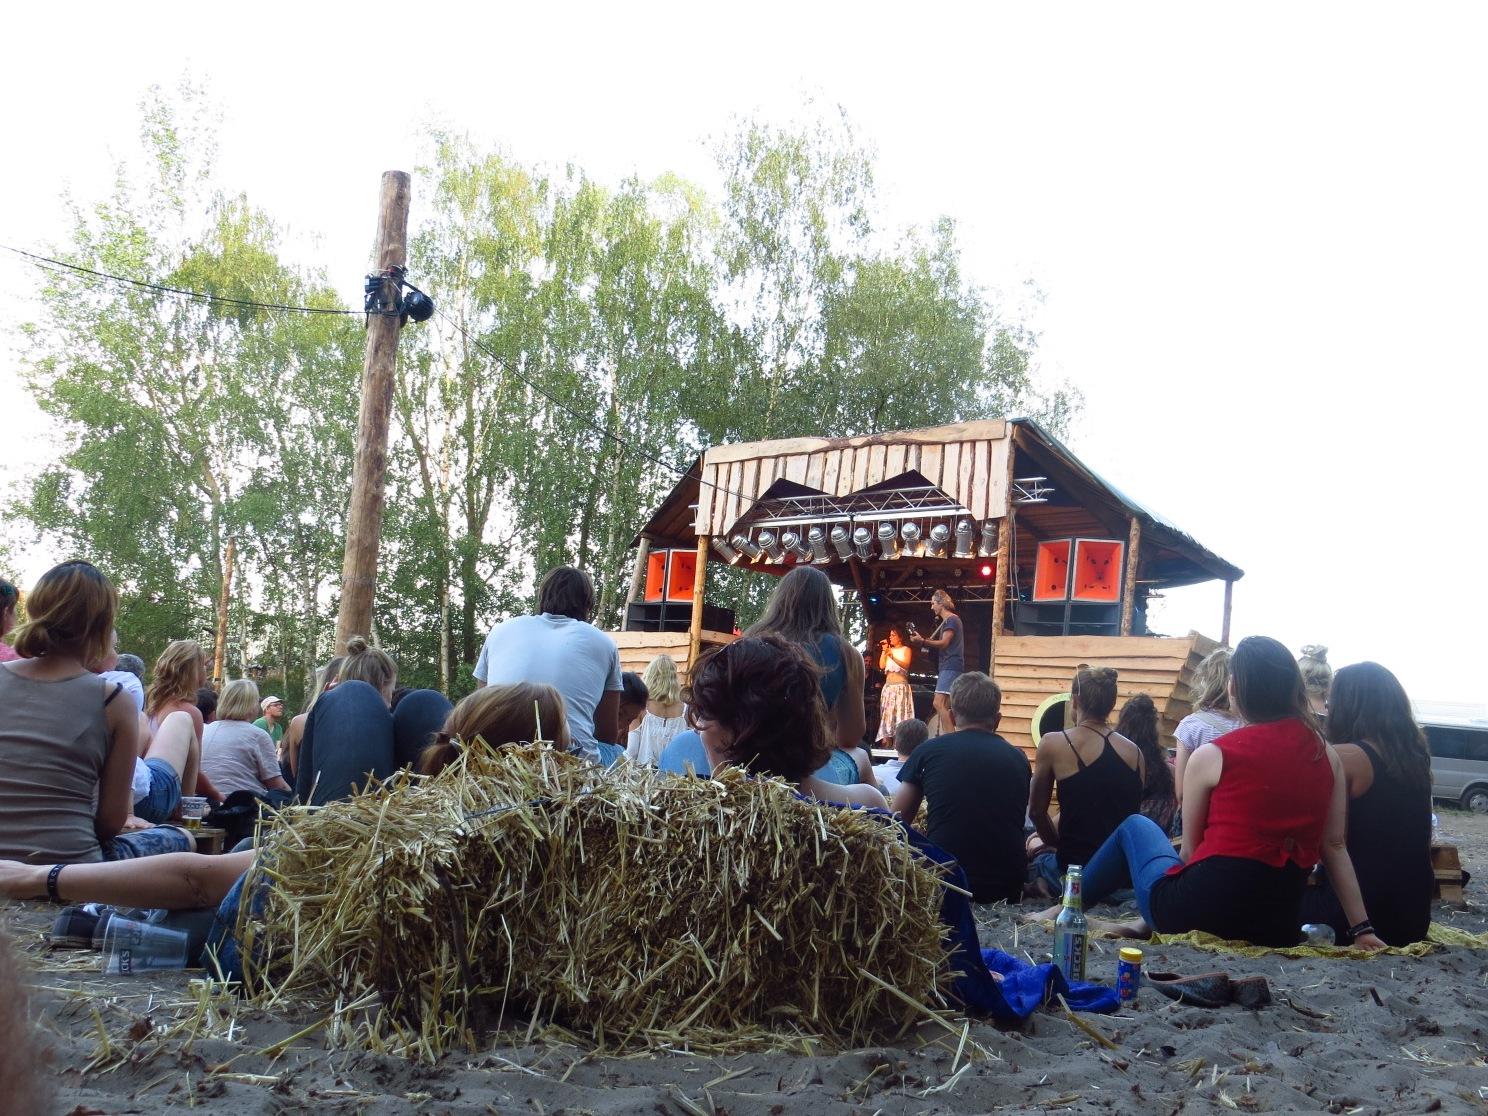 secrets-festival-kiekebusch-berlin